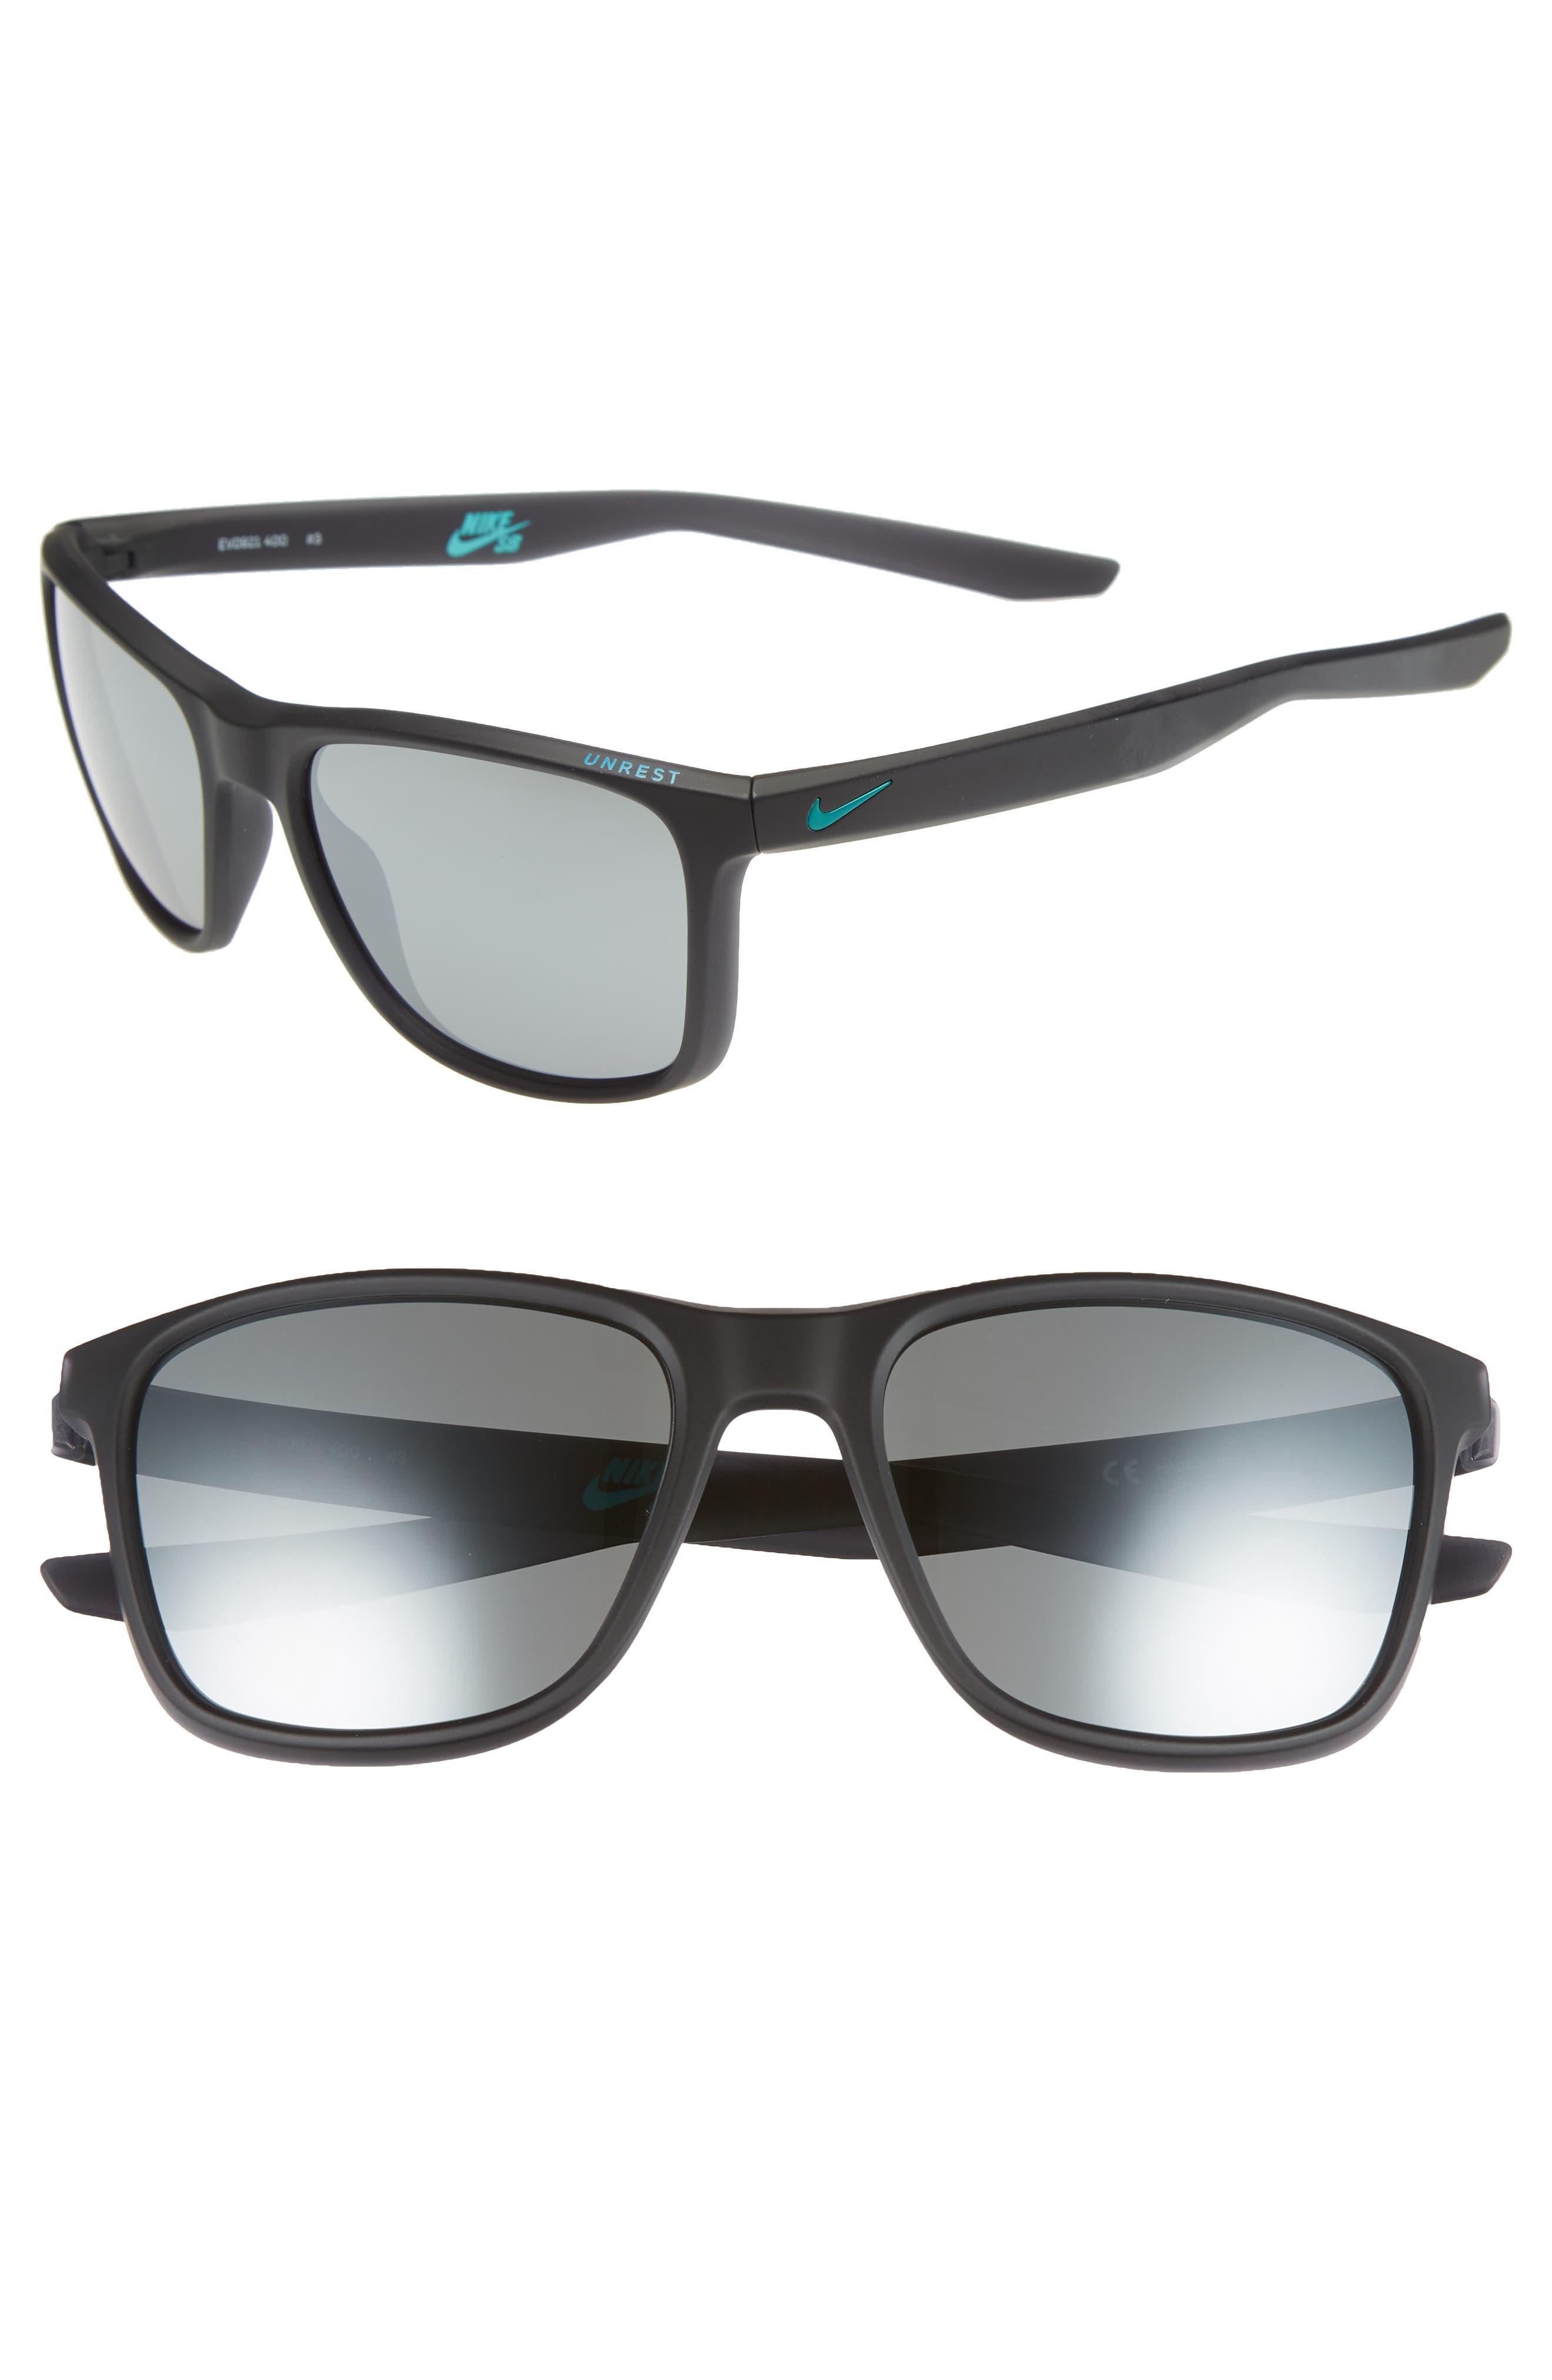 3945dea3a2ec Nike Unrest 57Mm Sunglasses - Matte Obsidian/ Grey Silver